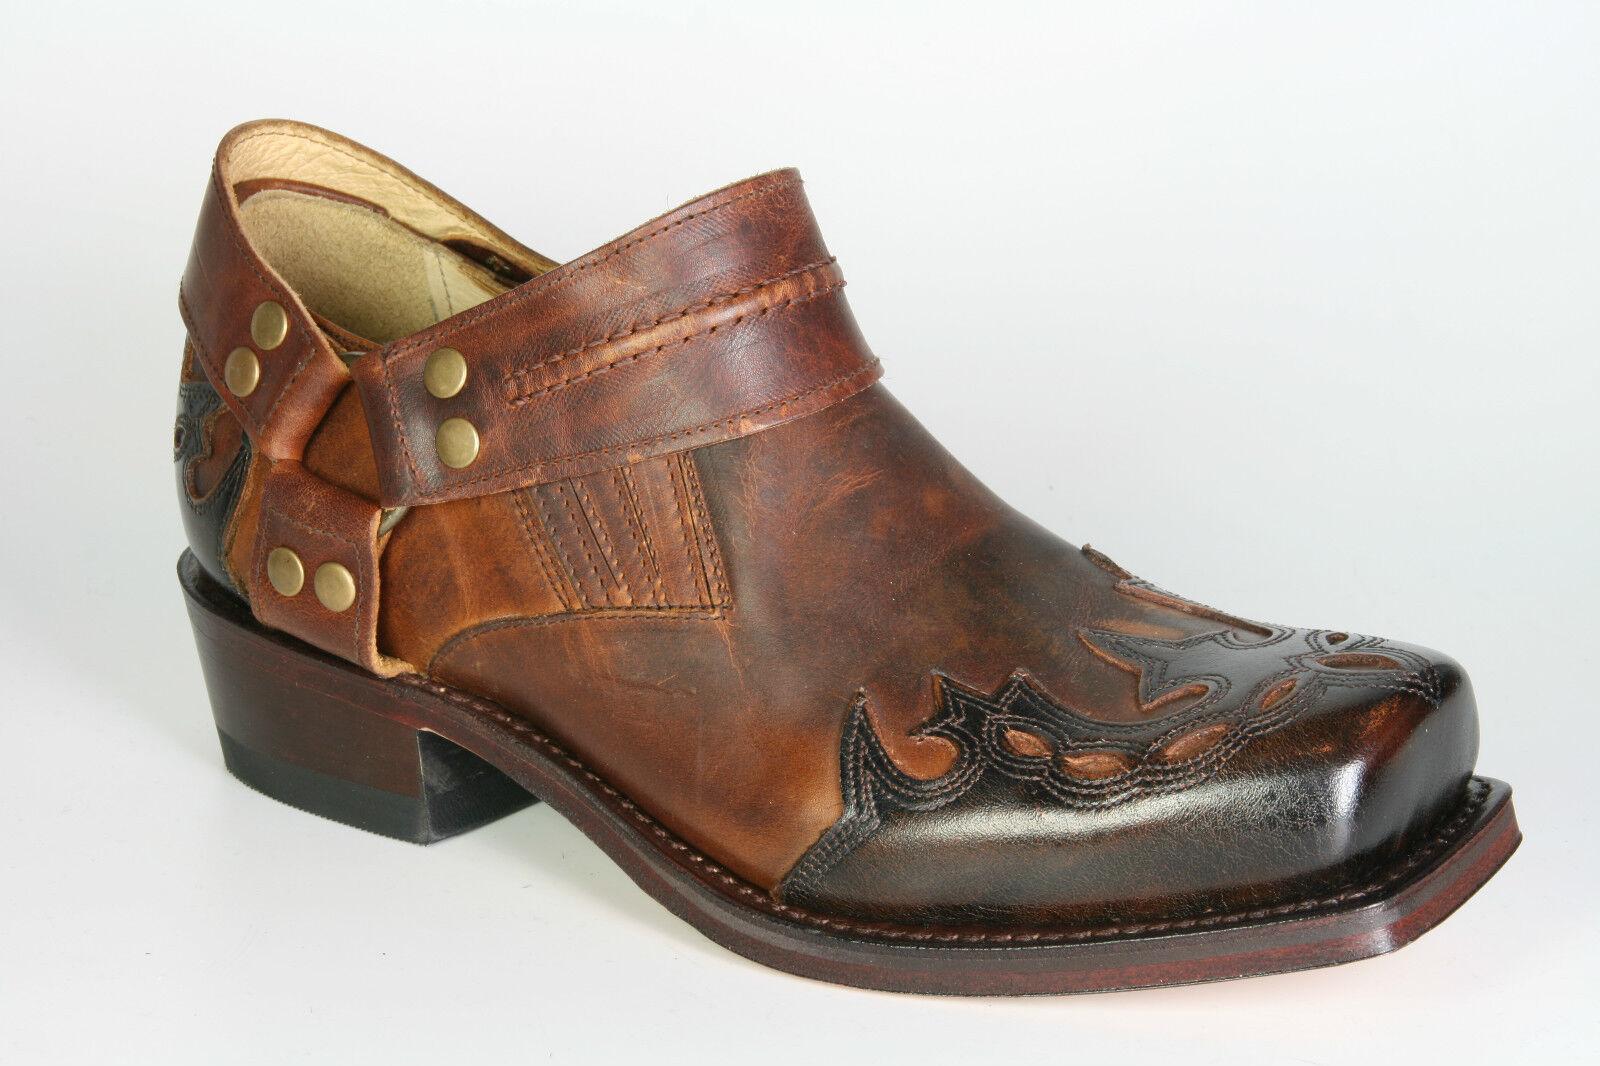 6077 Sendra Biker Biker Biker zapatos con llama britnes marrón botas motorista zapatos marrón 6db4f2